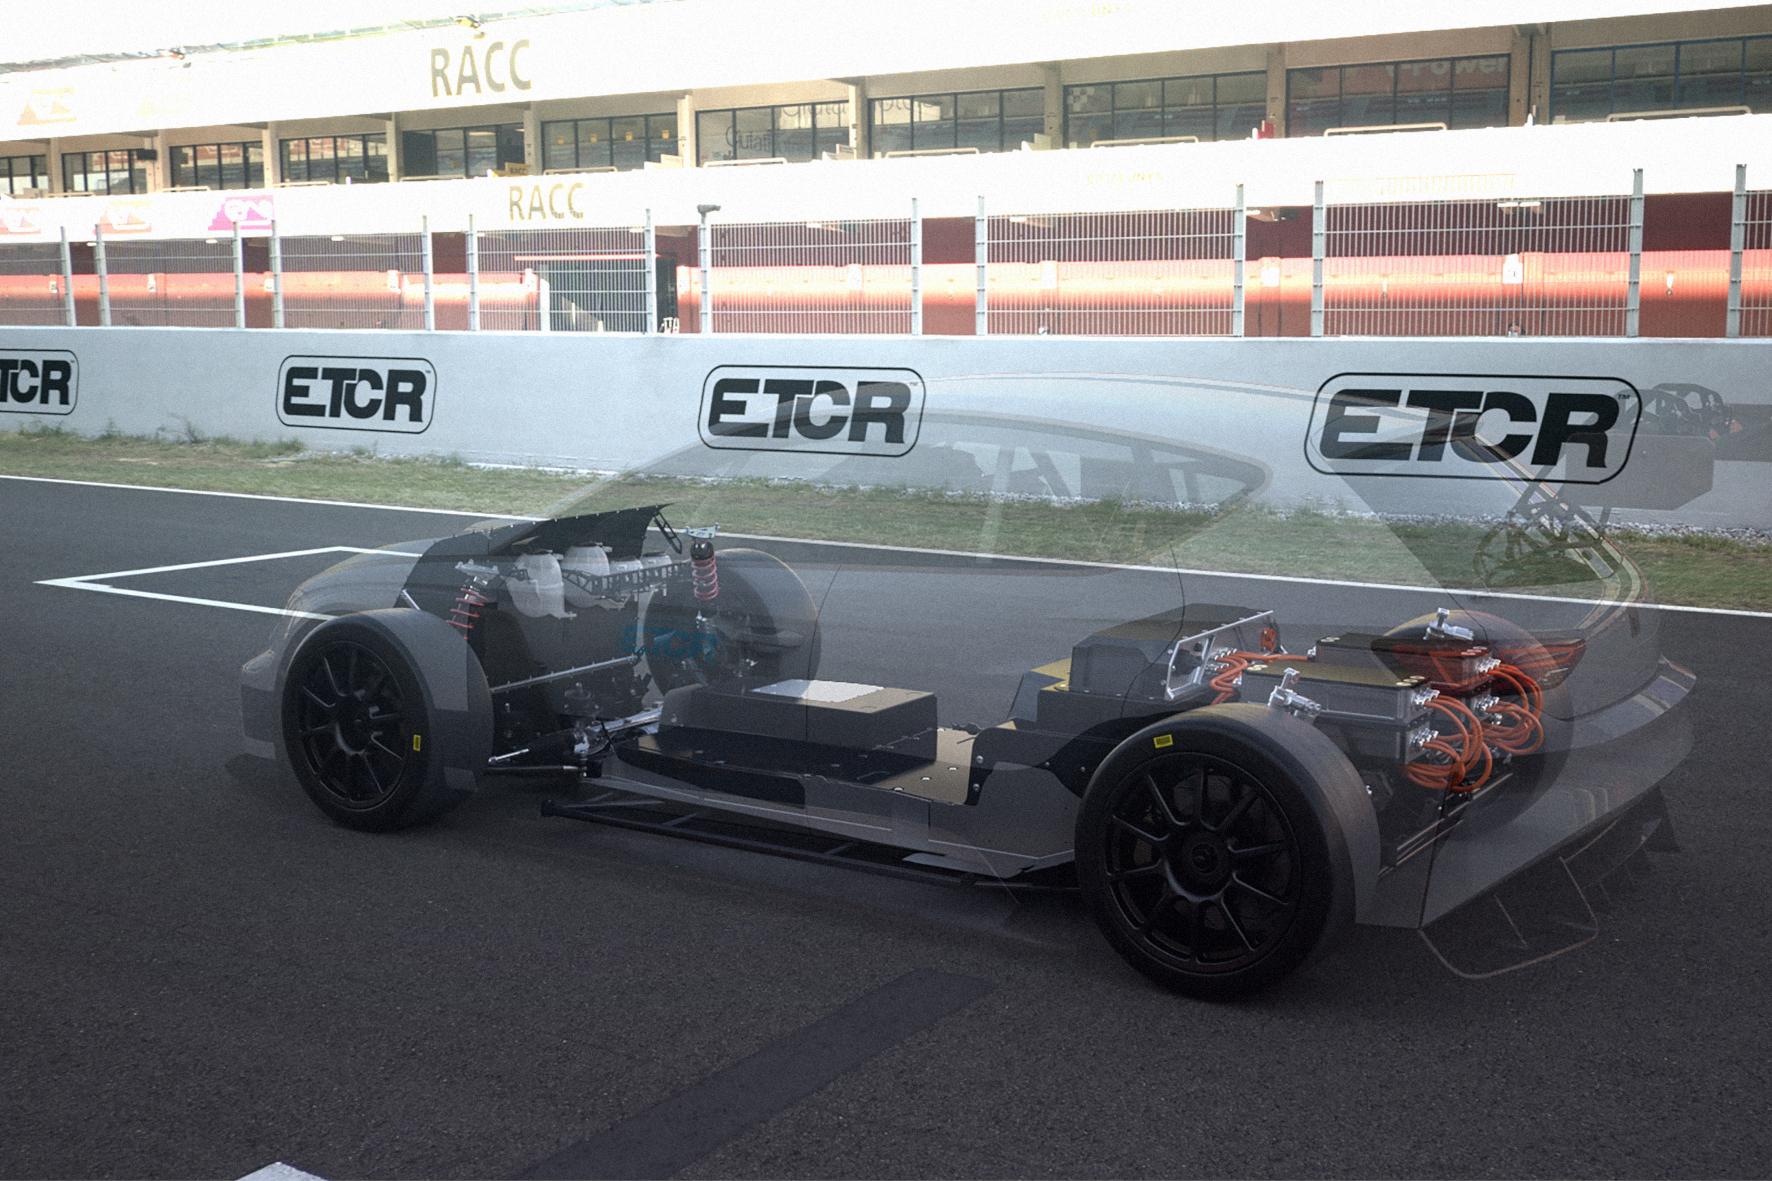 mid Groß-Gerau - Die 3D-Animation ermöglicht einen Röntgenblick ins Innenleben des Cupra e-Racer. Seat